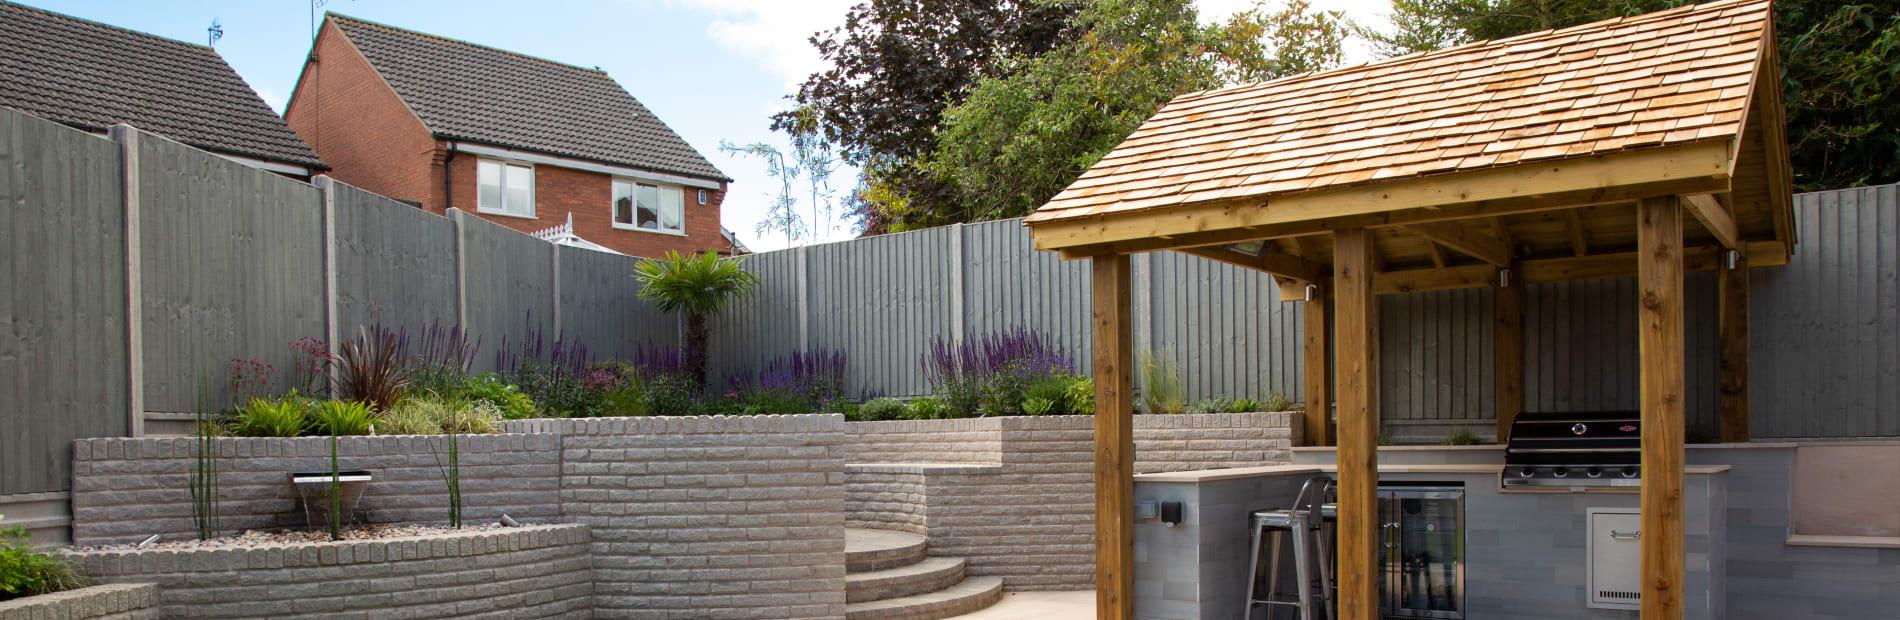 Outdoor kitchen ideas for new garden designs Blog | Marshalls